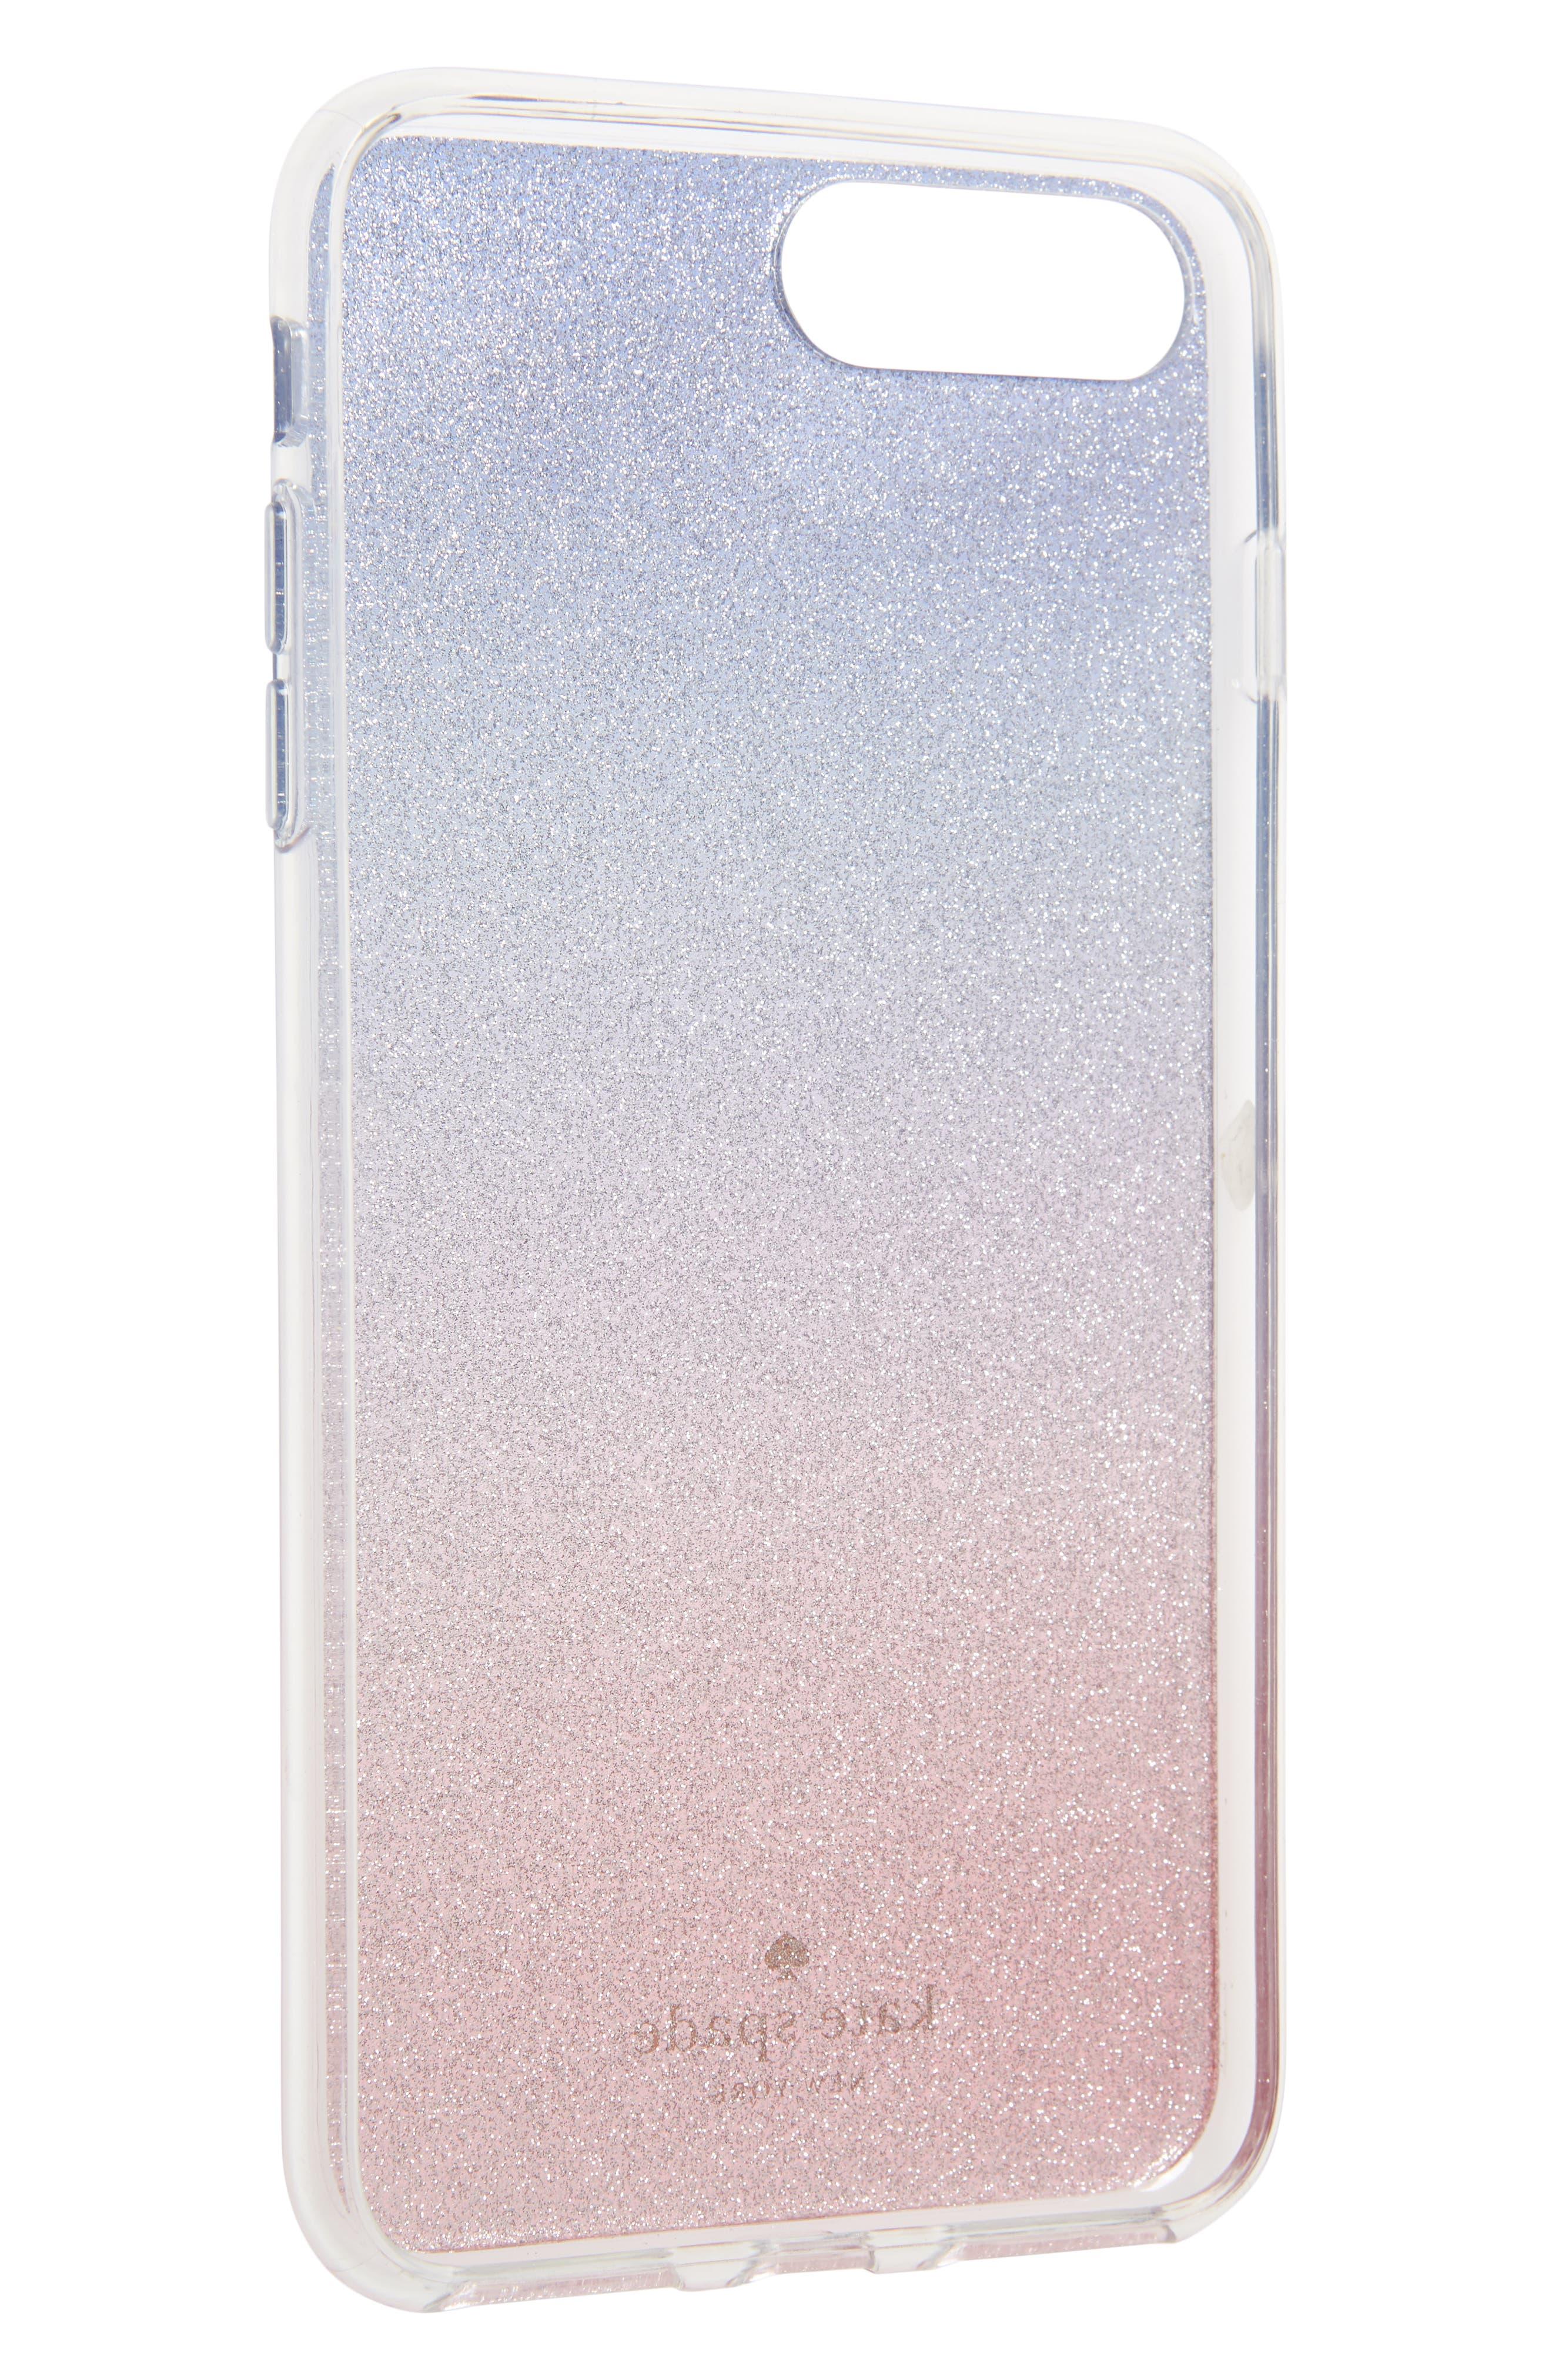 ombré sunset glitter iPhone 7/8 & 7/8 Plus case,                             Alternate thumbnail 2, color,                             655